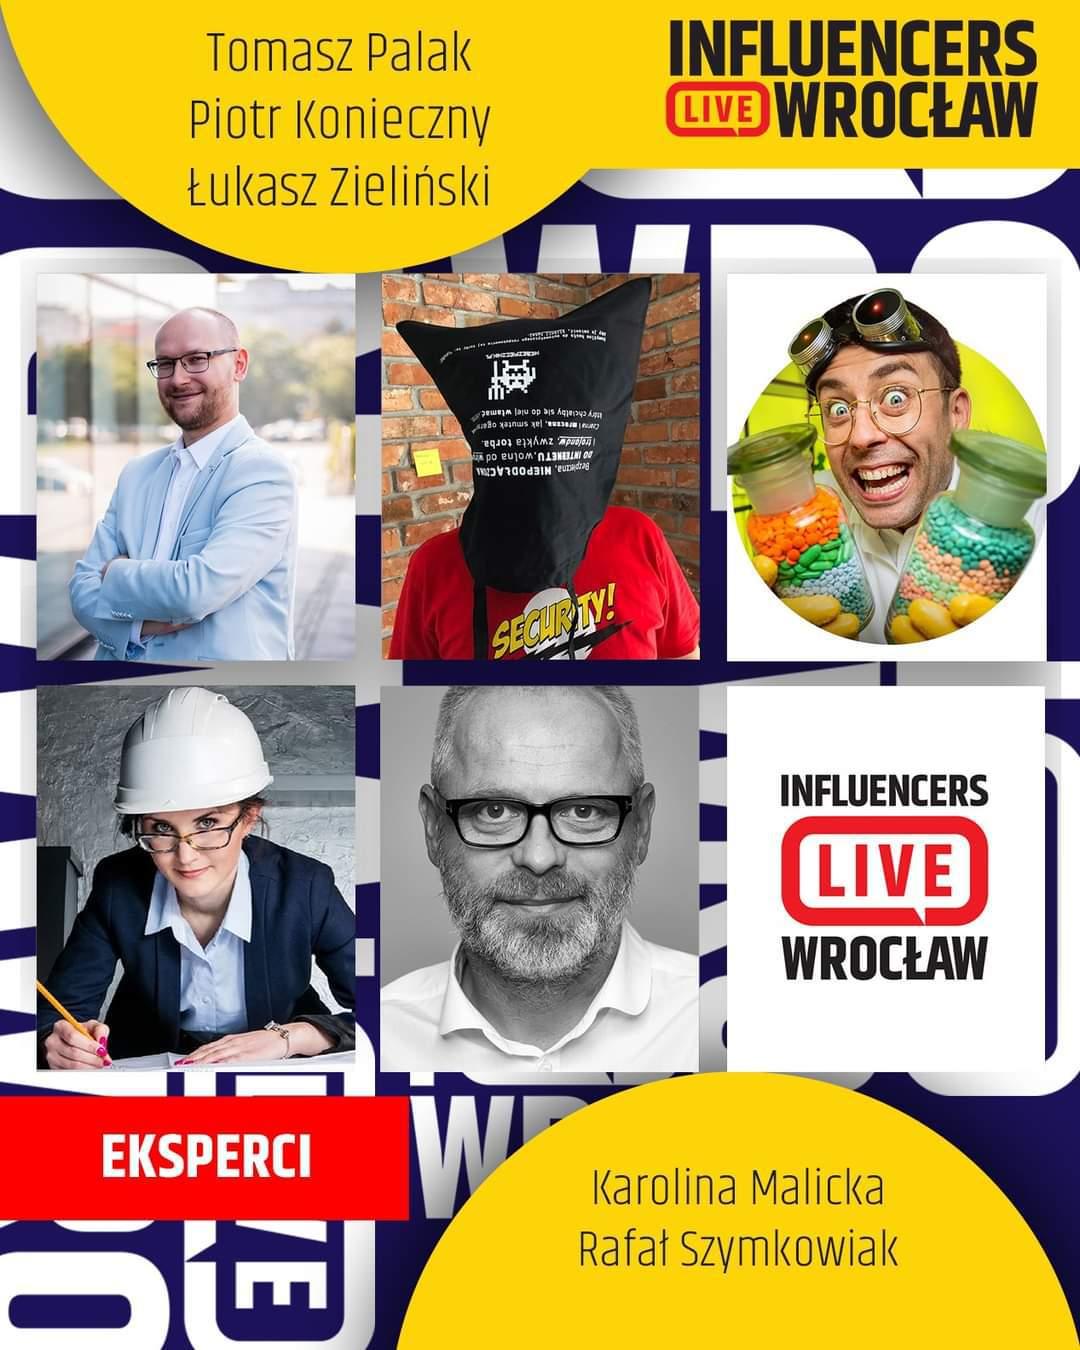 influencer wrocław